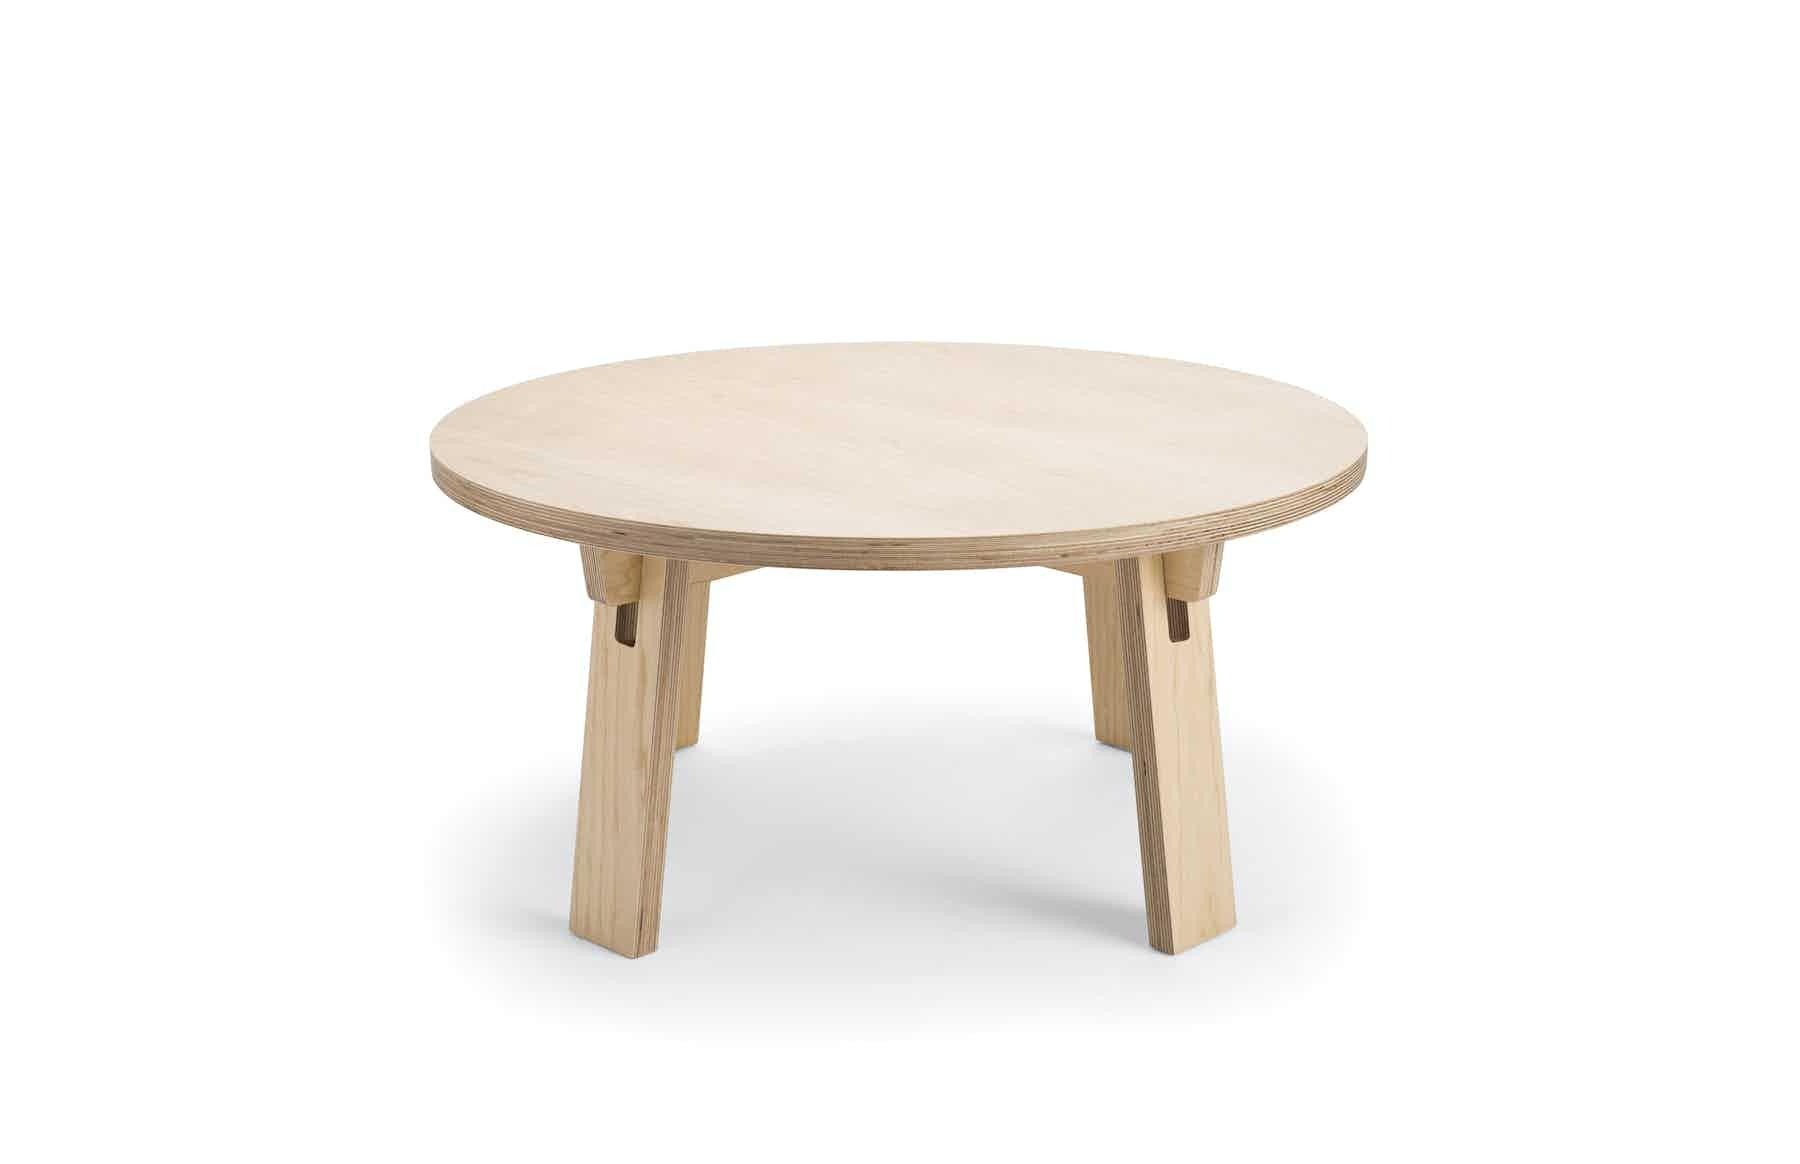 Deadgood-marra-table-oak-haute-living